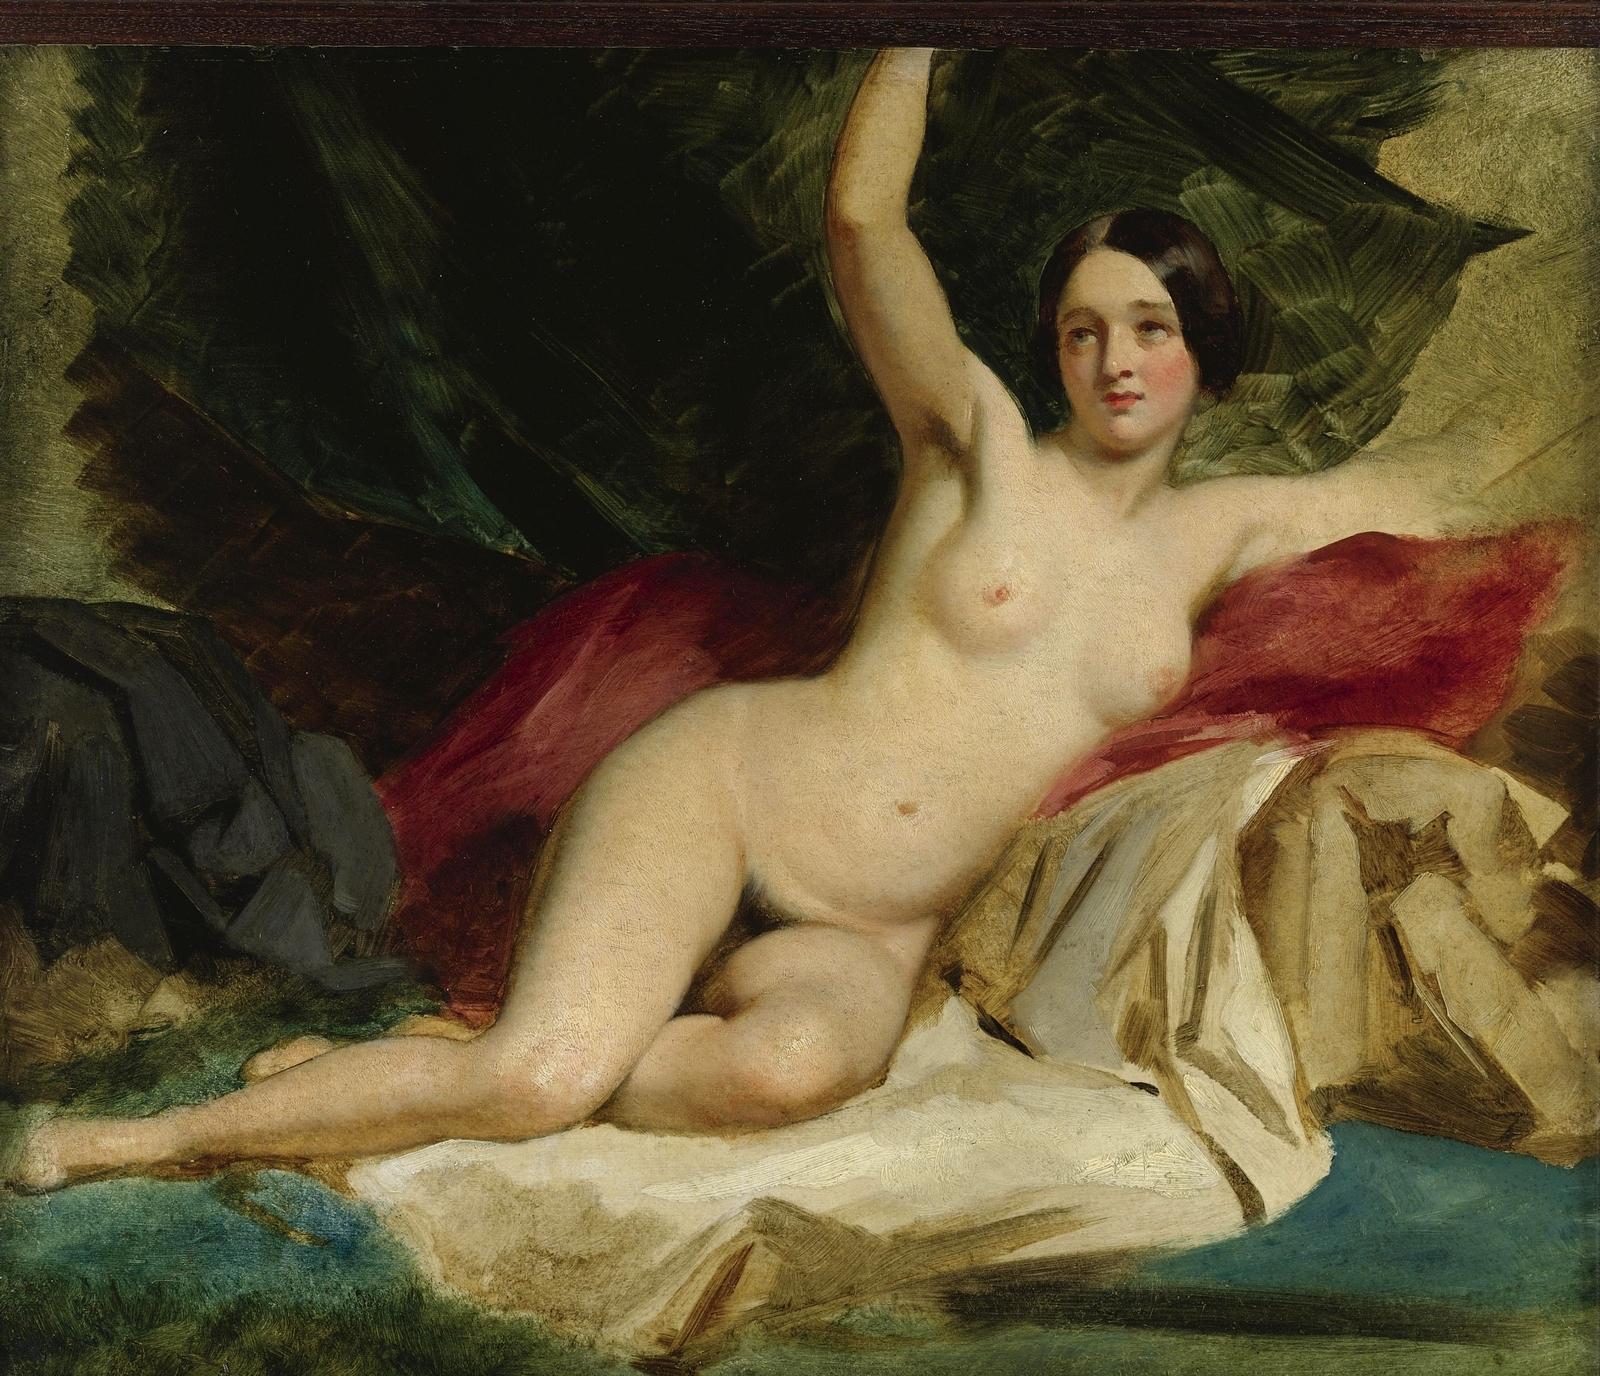 Уильям Этти. Лежащая обнаженная (Reclining Female Nude). 44.8 х 53.3. Бумага на оргалите, масло. Частное собрание.